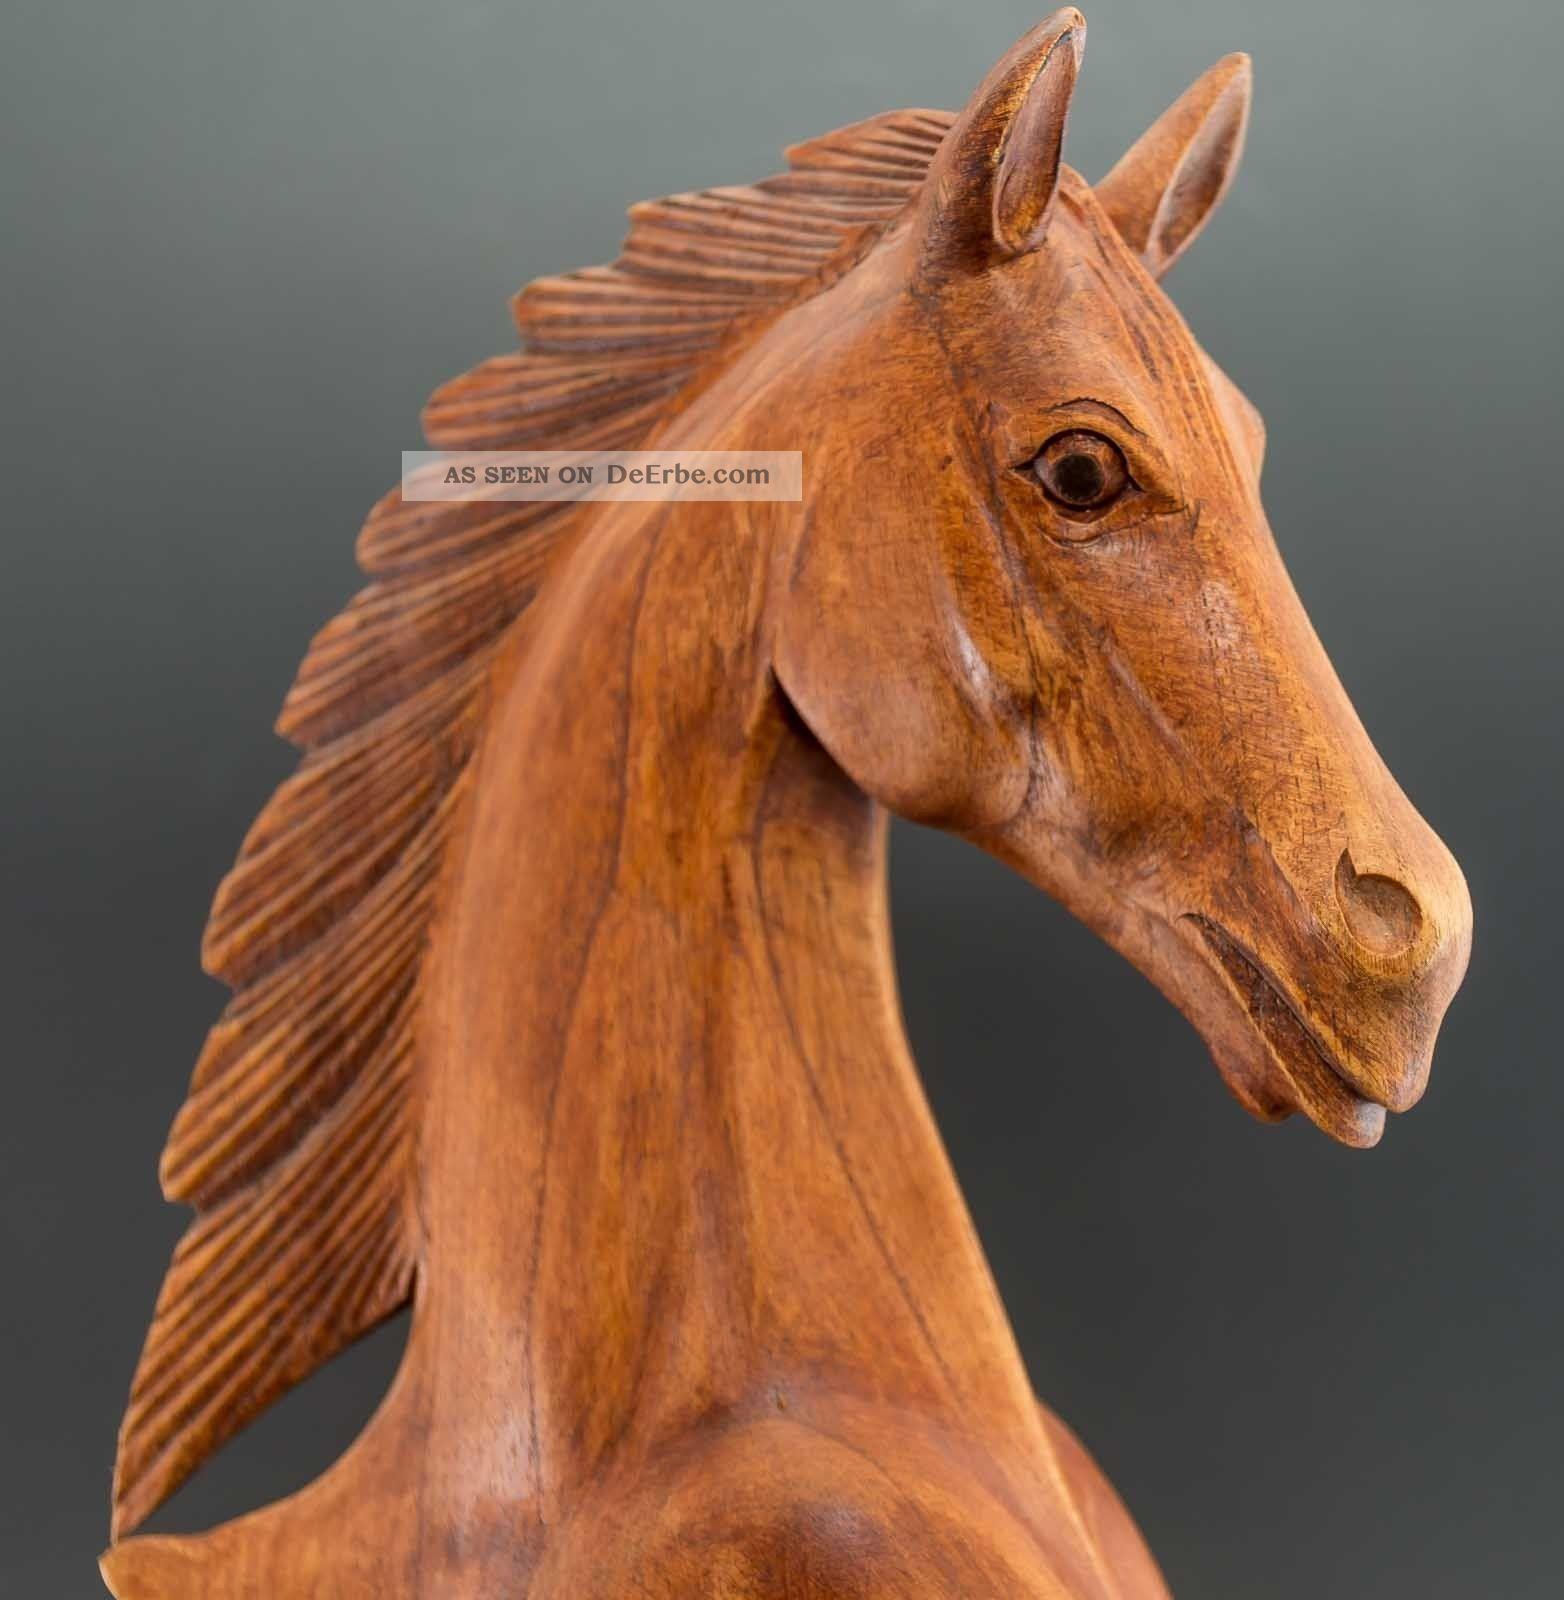 Pferdekopf Aus Holz : handgeschnitztes holz pferd pferdekopf f r reiterin ~ A.2002-acura-tl-radio.info Haus und Dekorationen